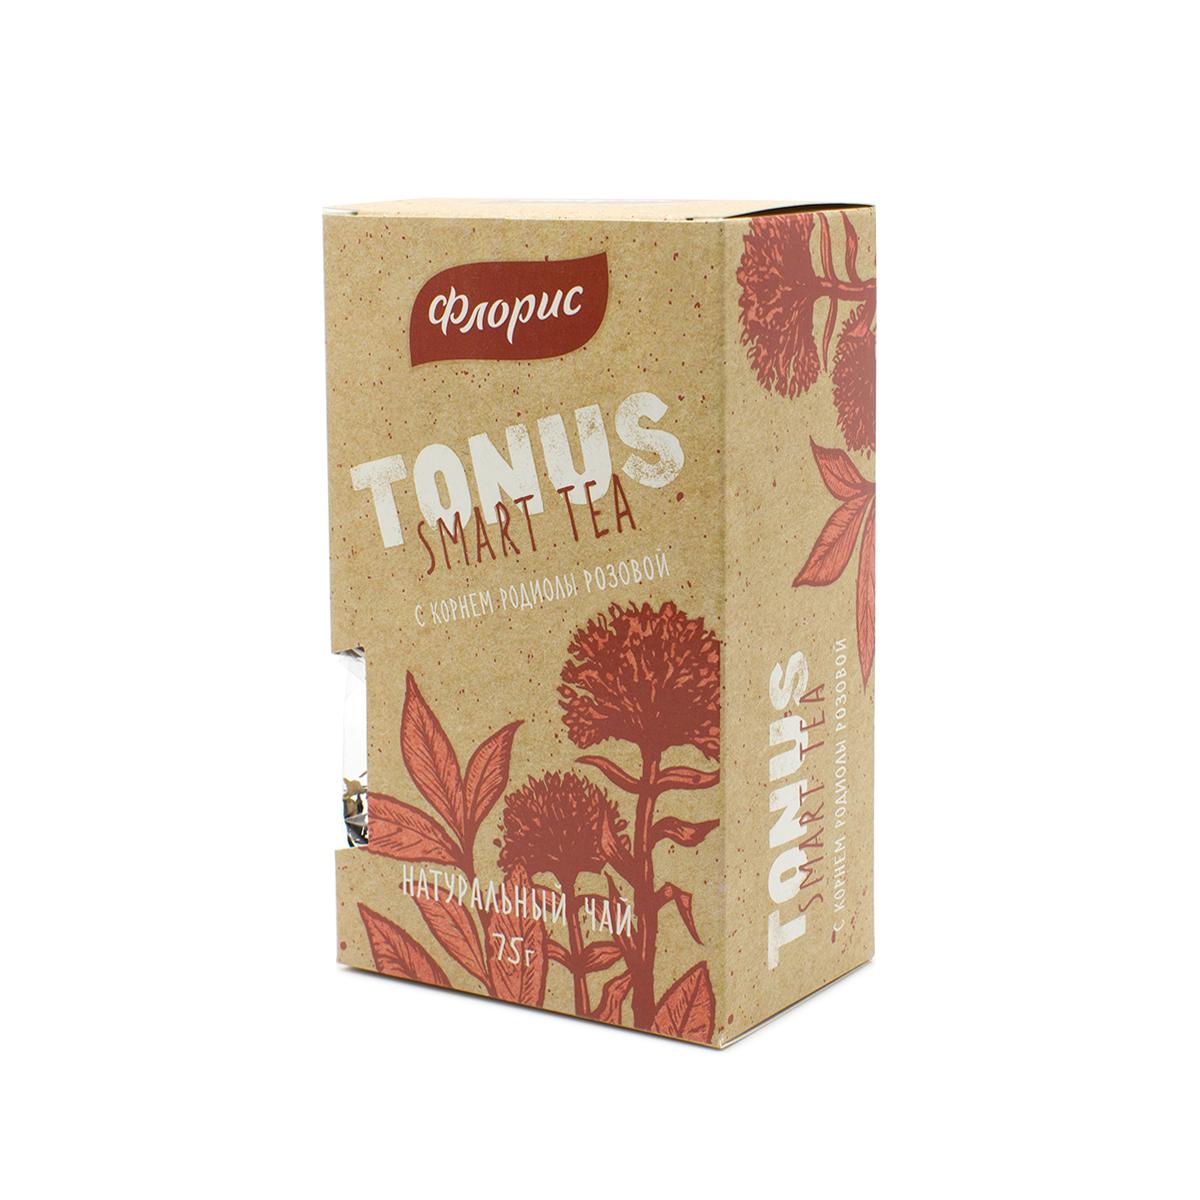 Чай черный натуральный Tonus, 75 г (уцененный товар) избранное из моря чая книга английское чаепитие чай черный листовой 75 г